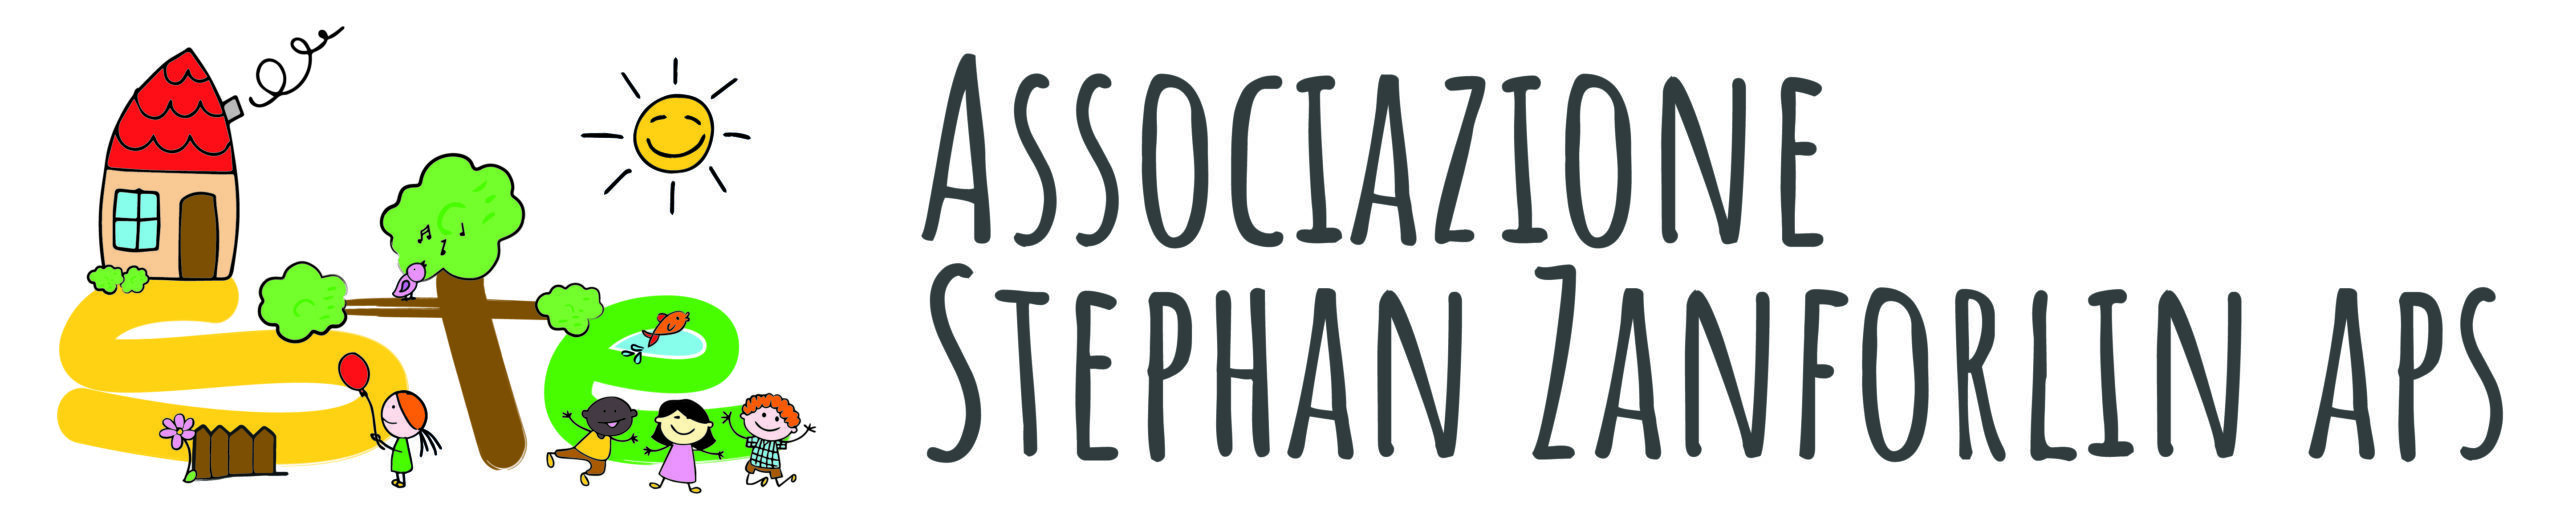 Associazione stephan zanforlin